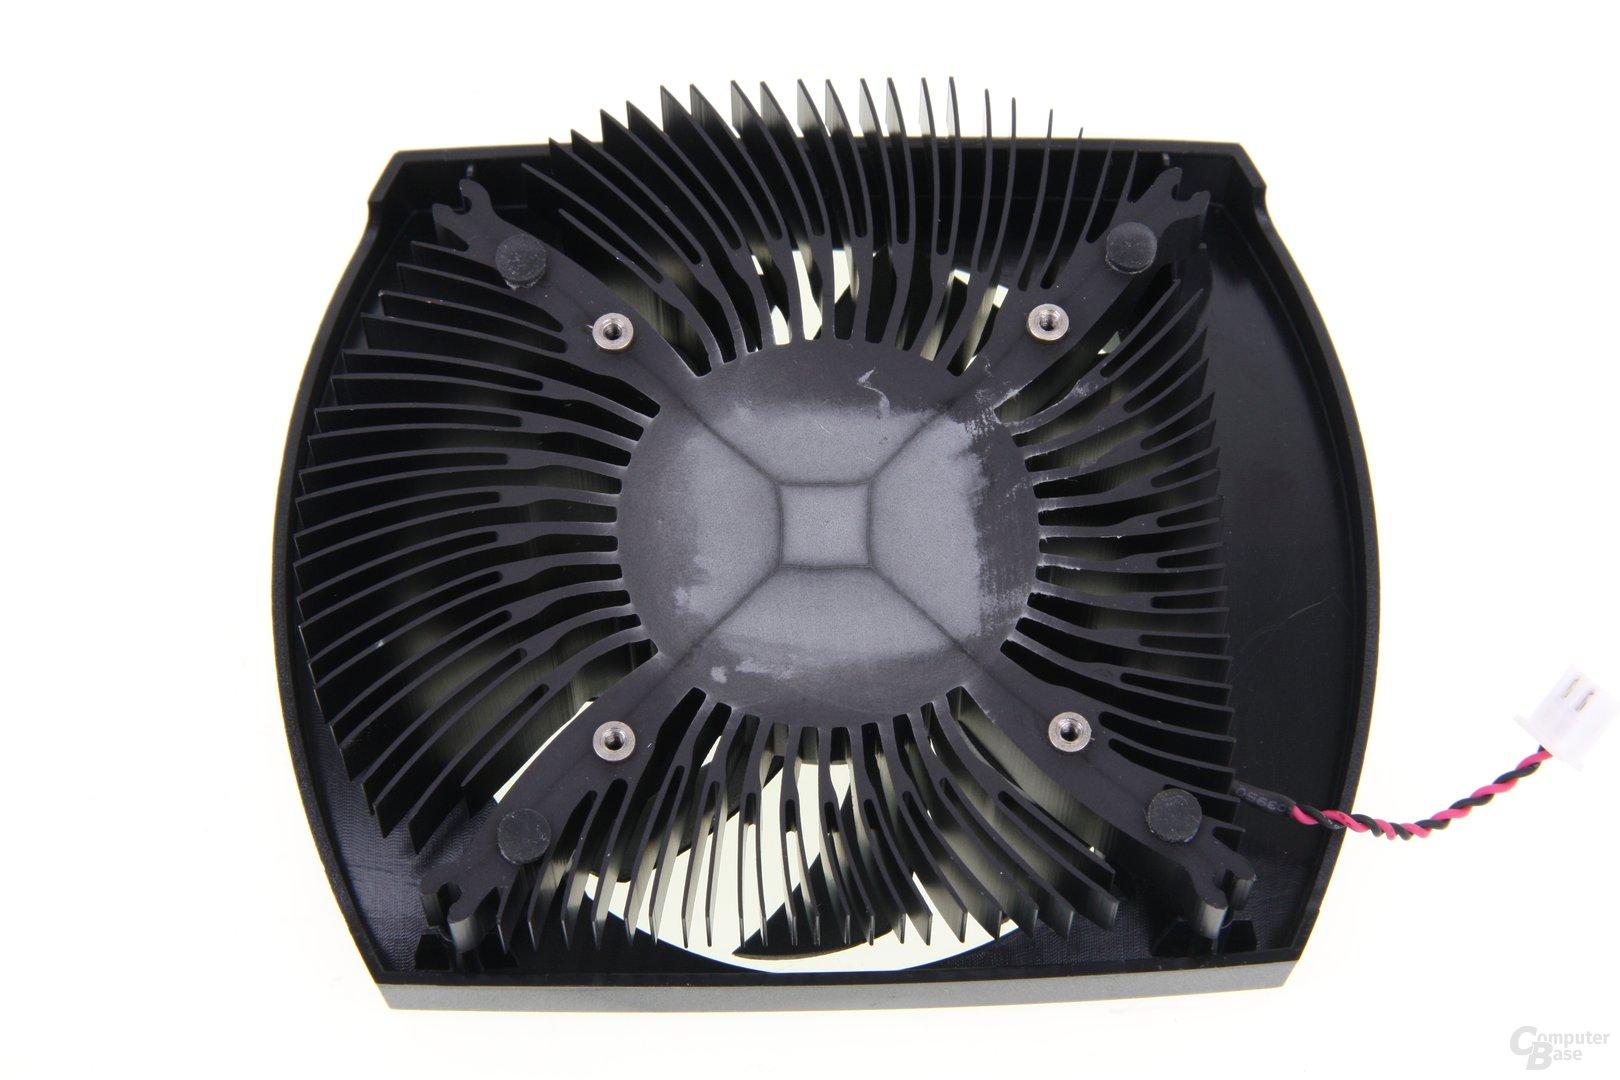 GeForce GTX 650 Ti Kühlerrückseite